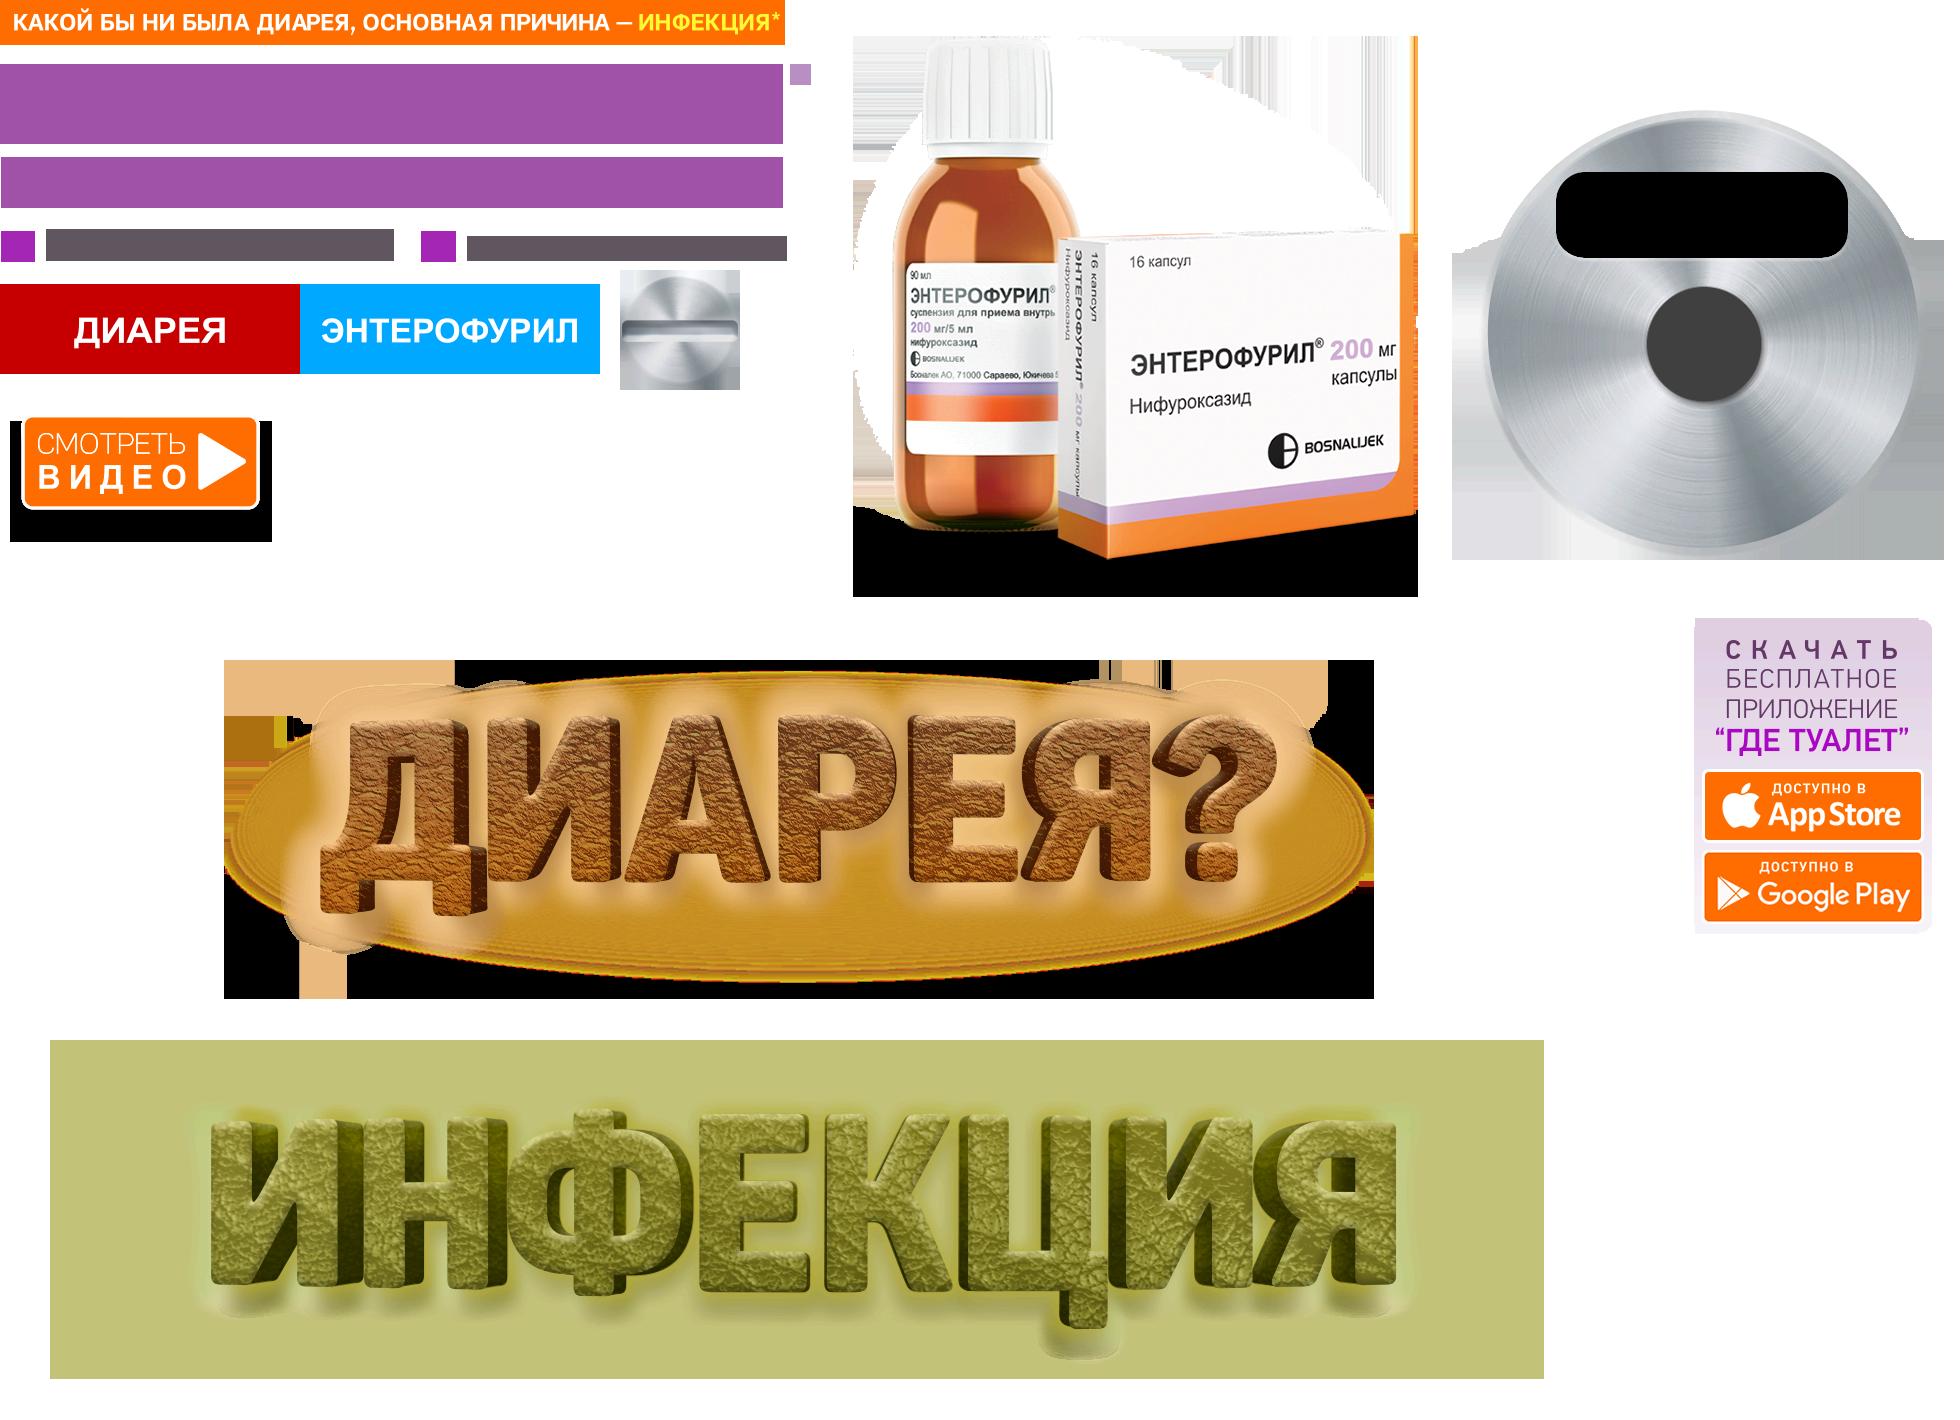 Таблетки от поноса (диареи) быстродействующие, недорогие и эффективные лекарства